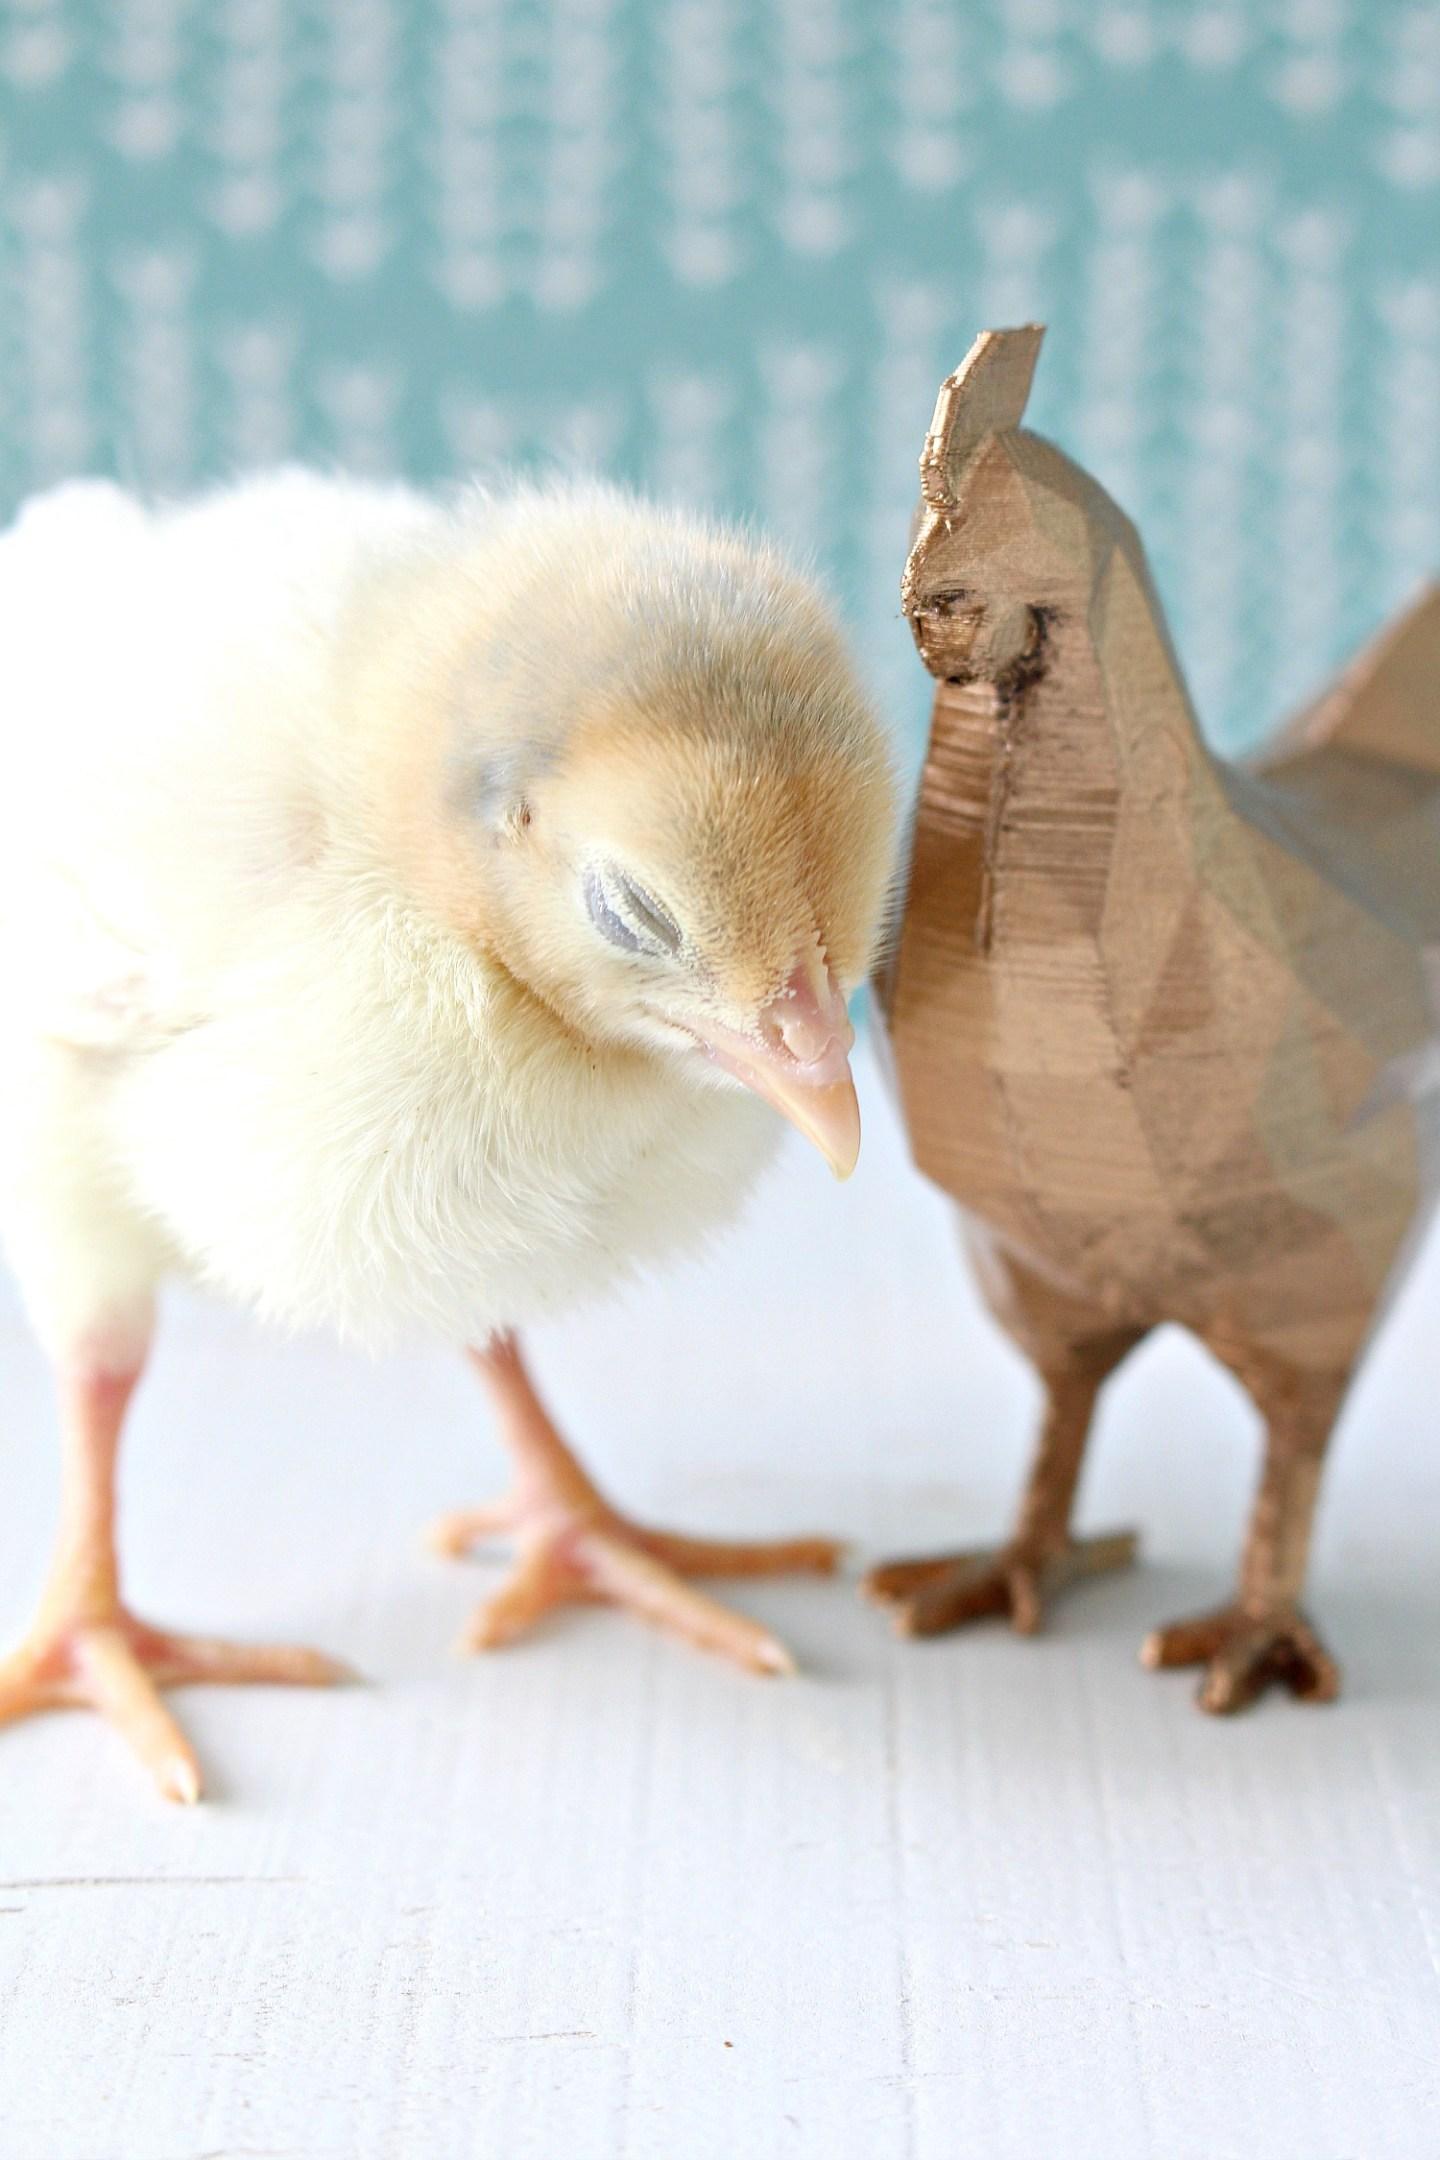 Yellow Baby Chick